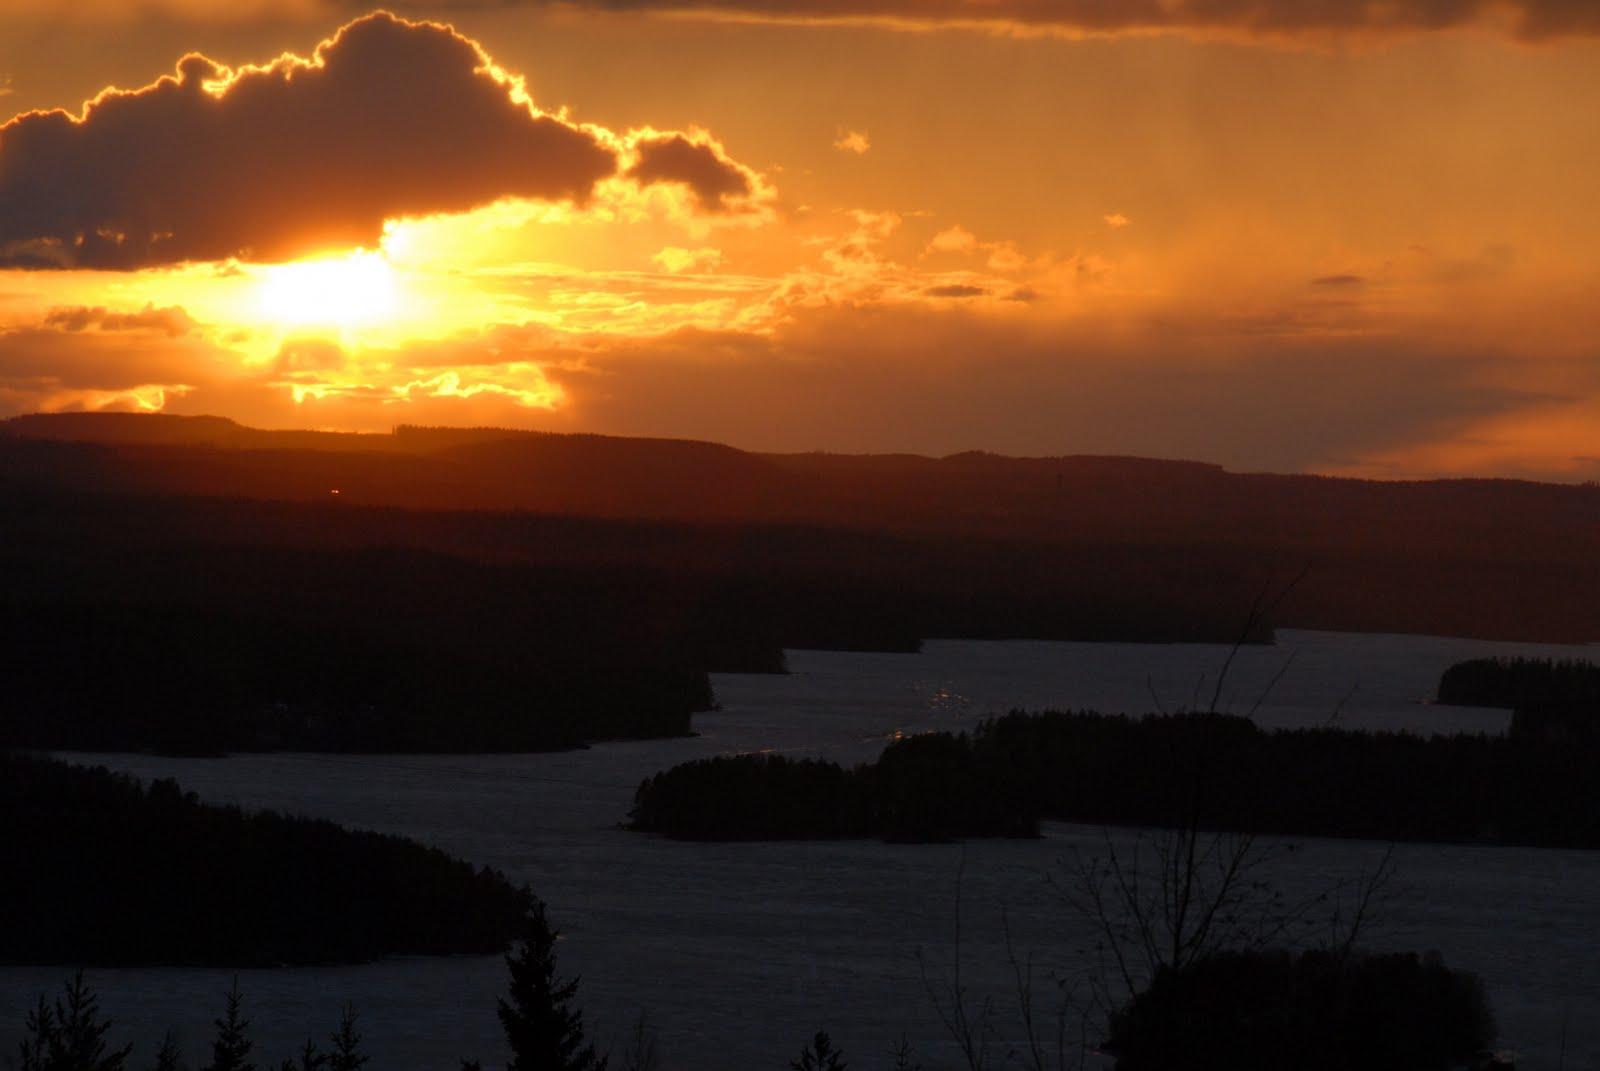 Auringonlasku tuhkapilven läpi?